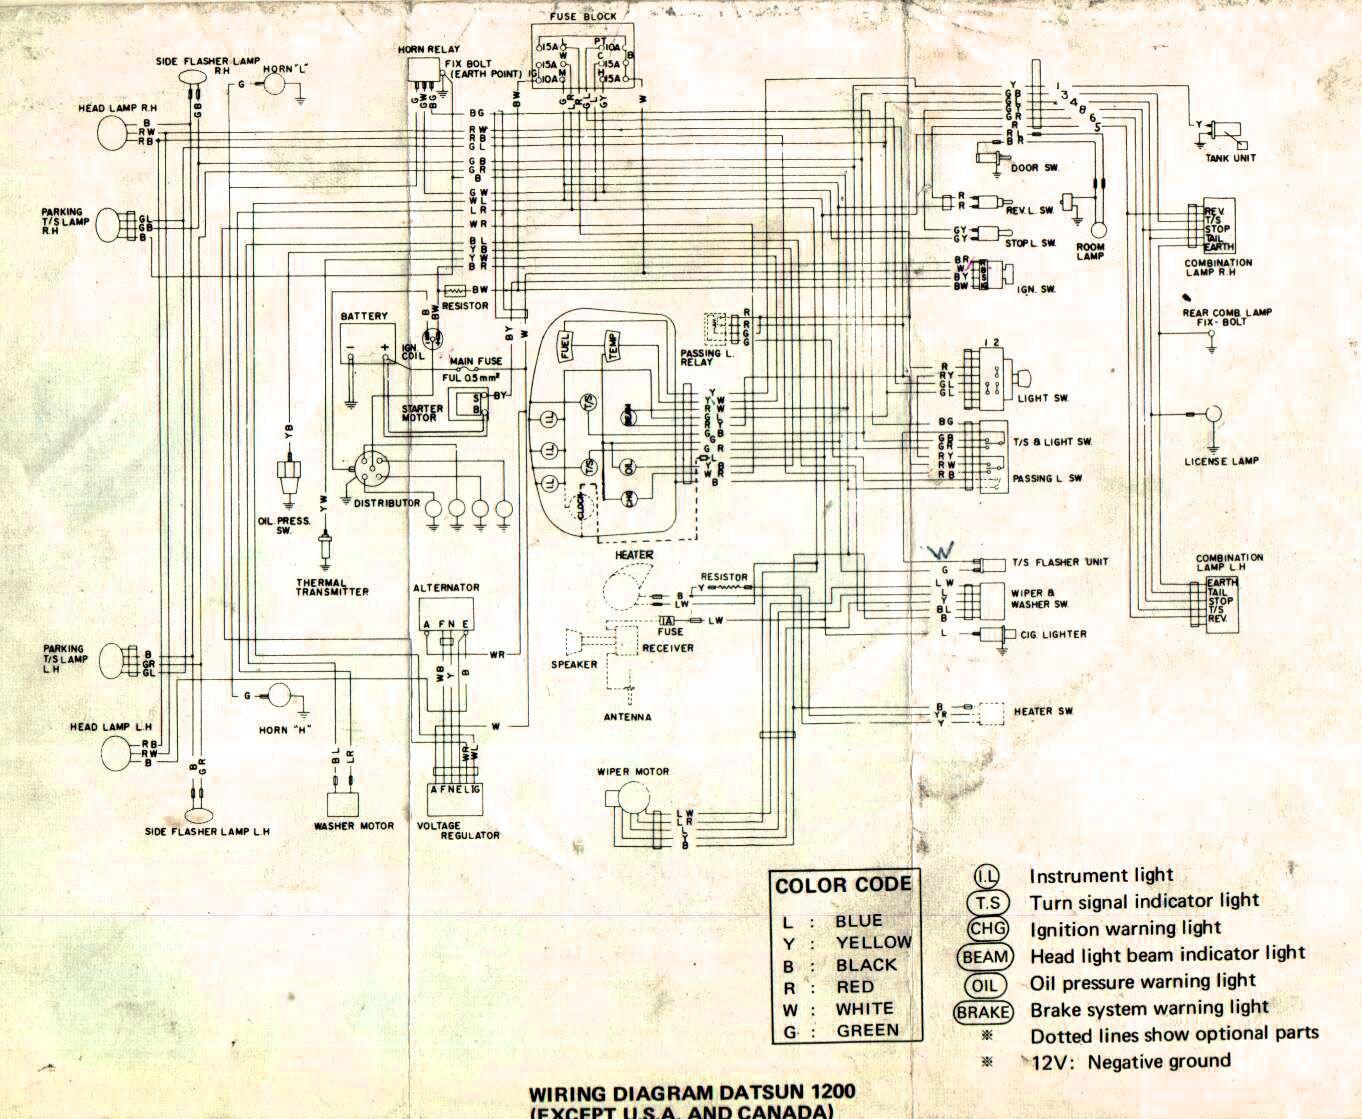 Wiring diagram for nissan 1400 bakkie #8   nissan   Nissan